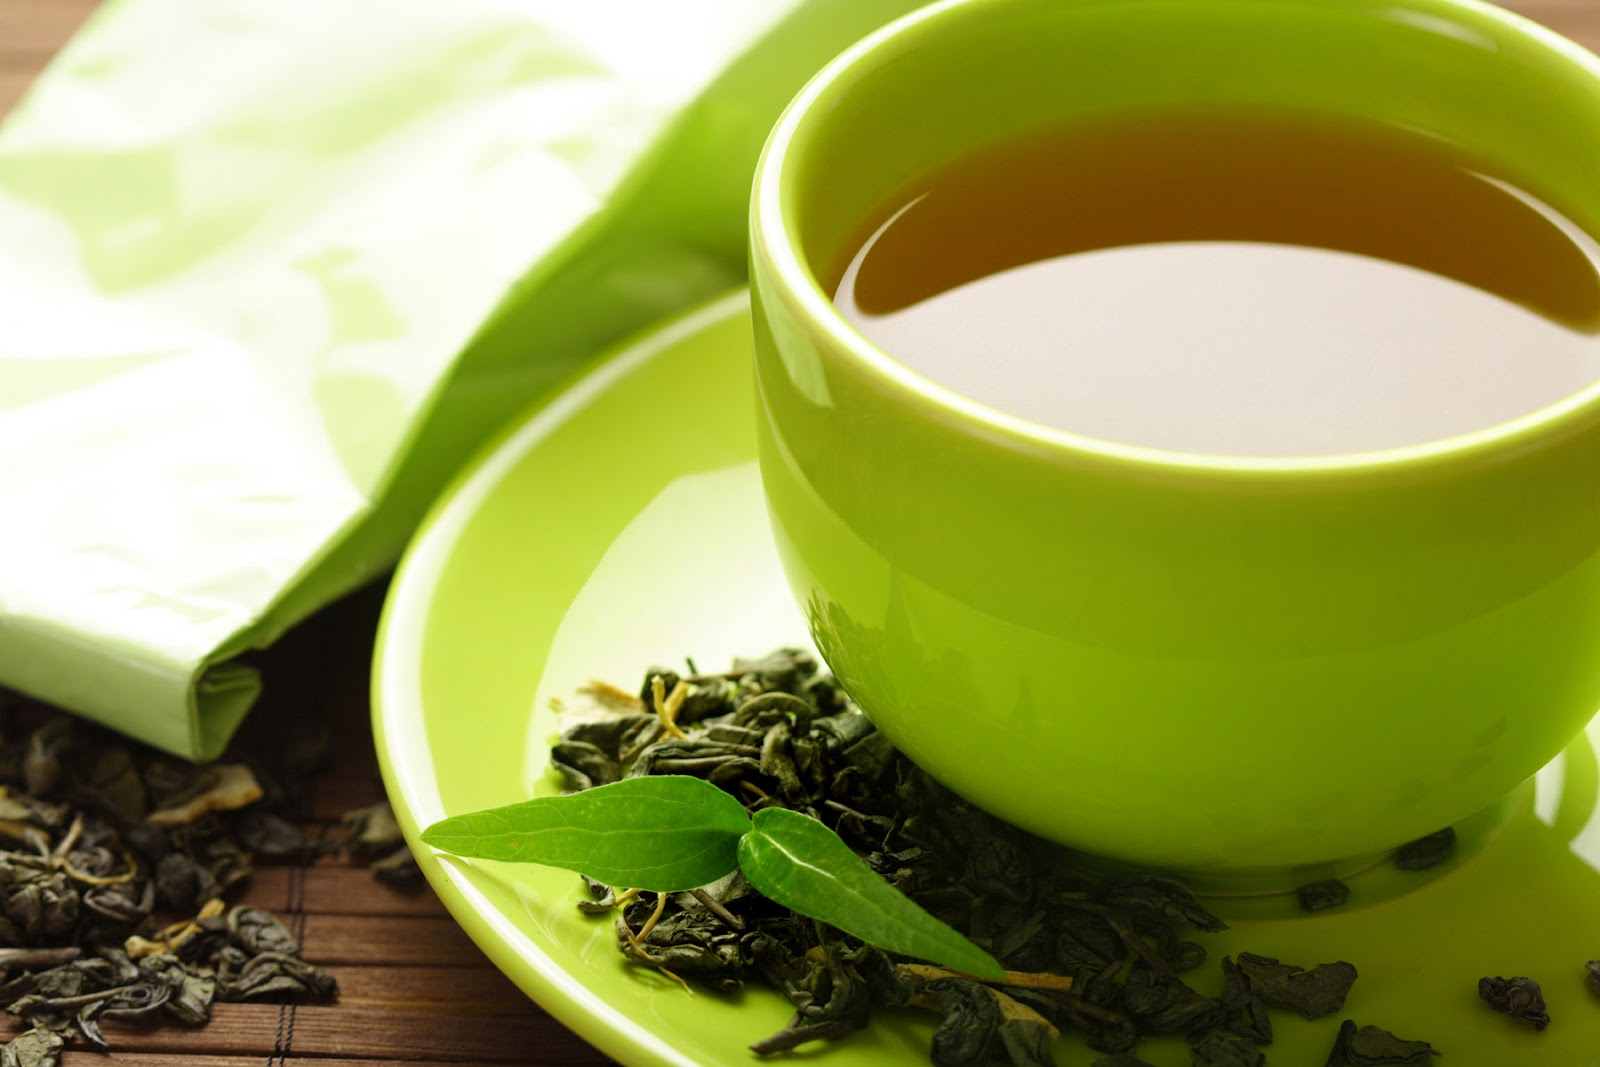 Зелёный чай при беременности: разумный подход для будущей мамы